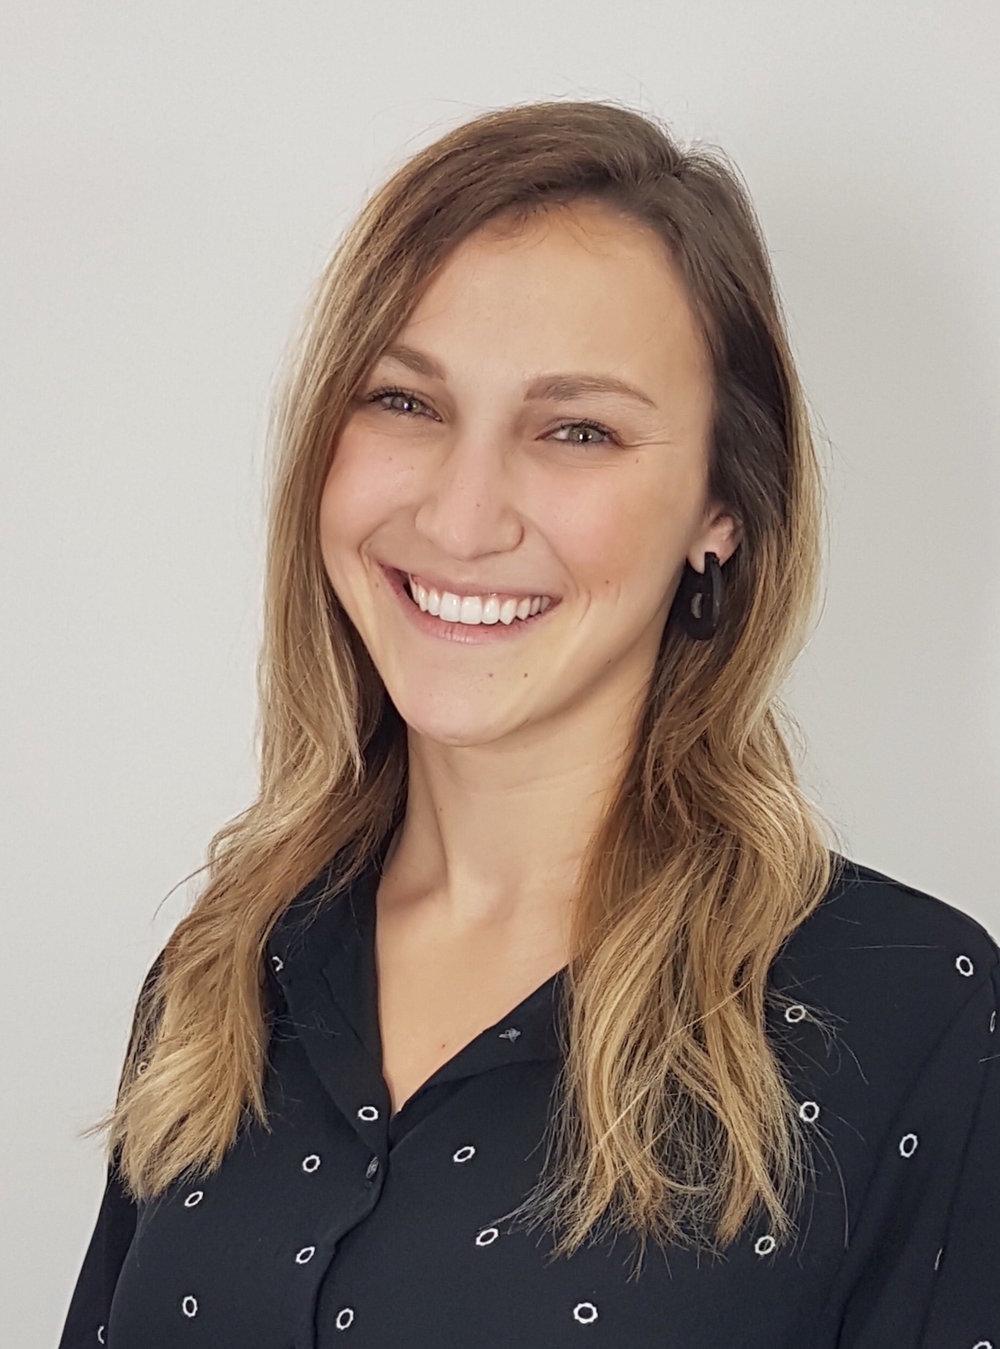 Courtney Aube (Dalhousie '20)